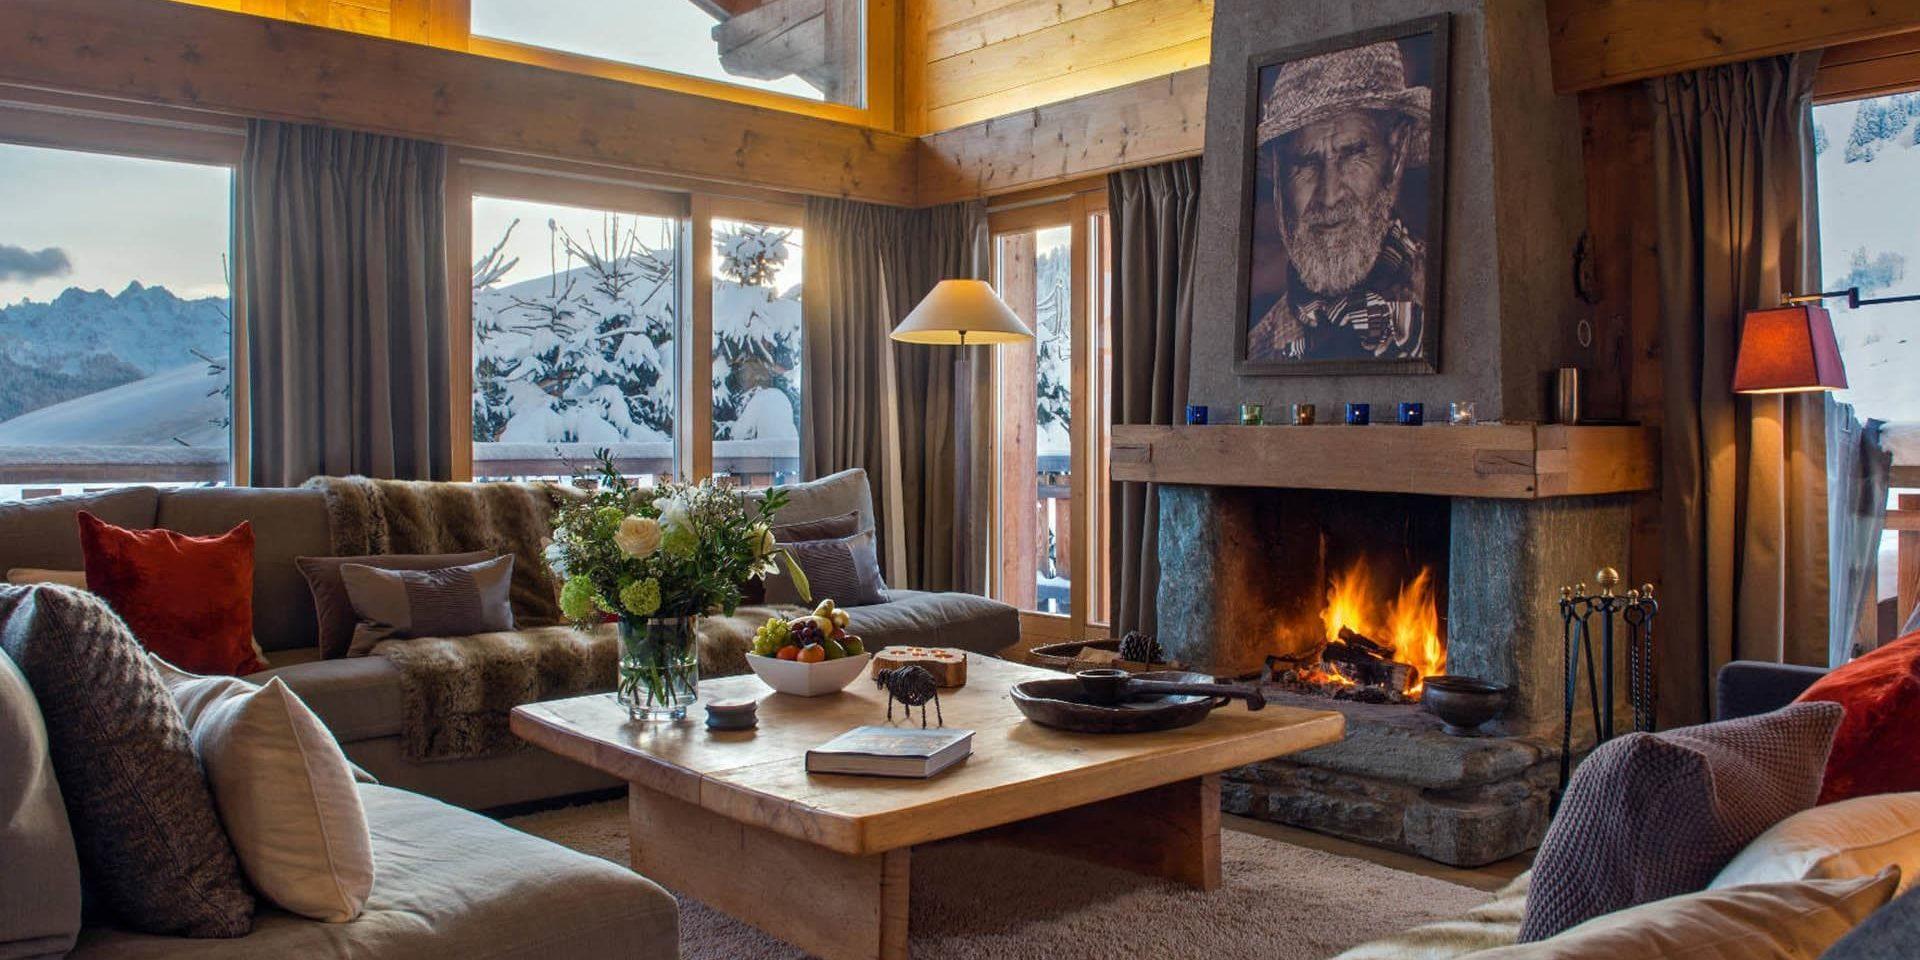 Chalet Pierre Avoi Verbier Les 4 Vallees Zwitserland wintersport skivakantie luxe living open haard schilderij banken kussens bloemen fruit sneeuw bergen uitzicht